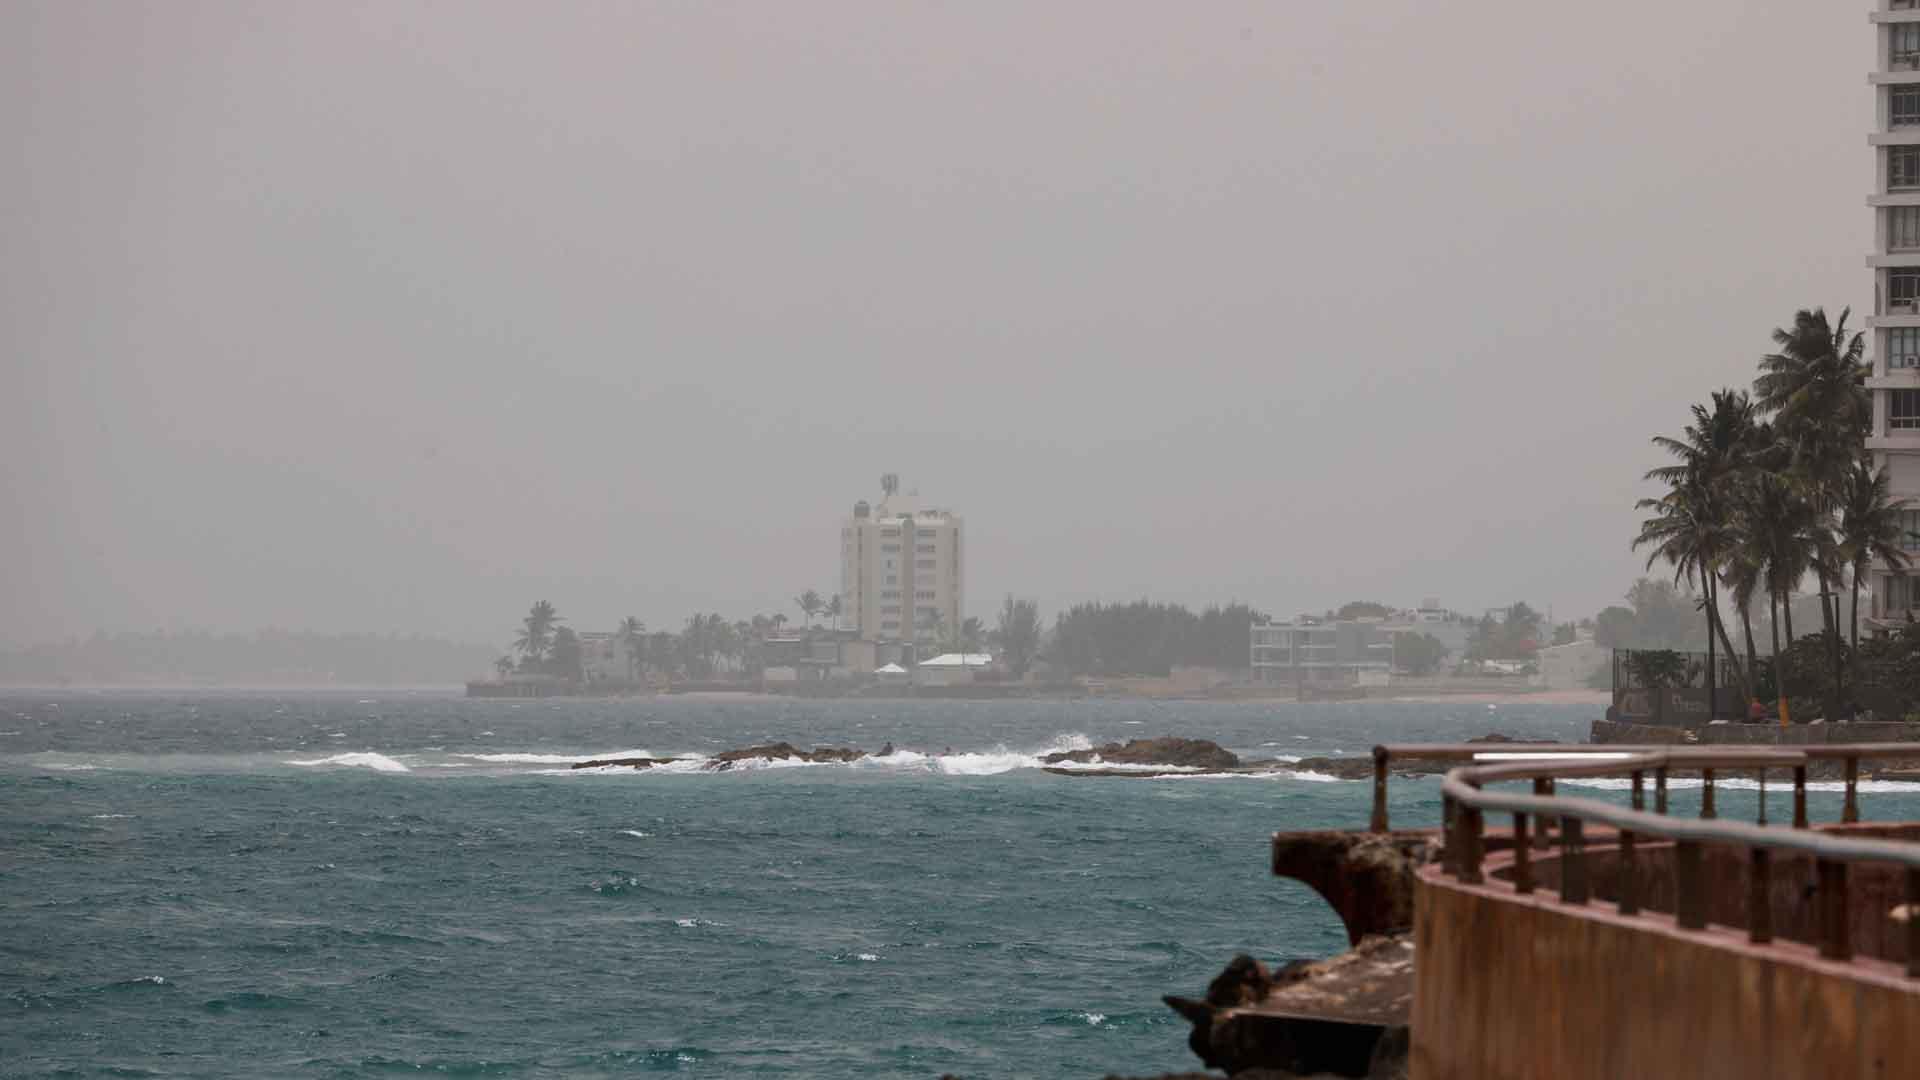 Una nube de polvo del Sahara afecta a países del Caribe | El Heraldo